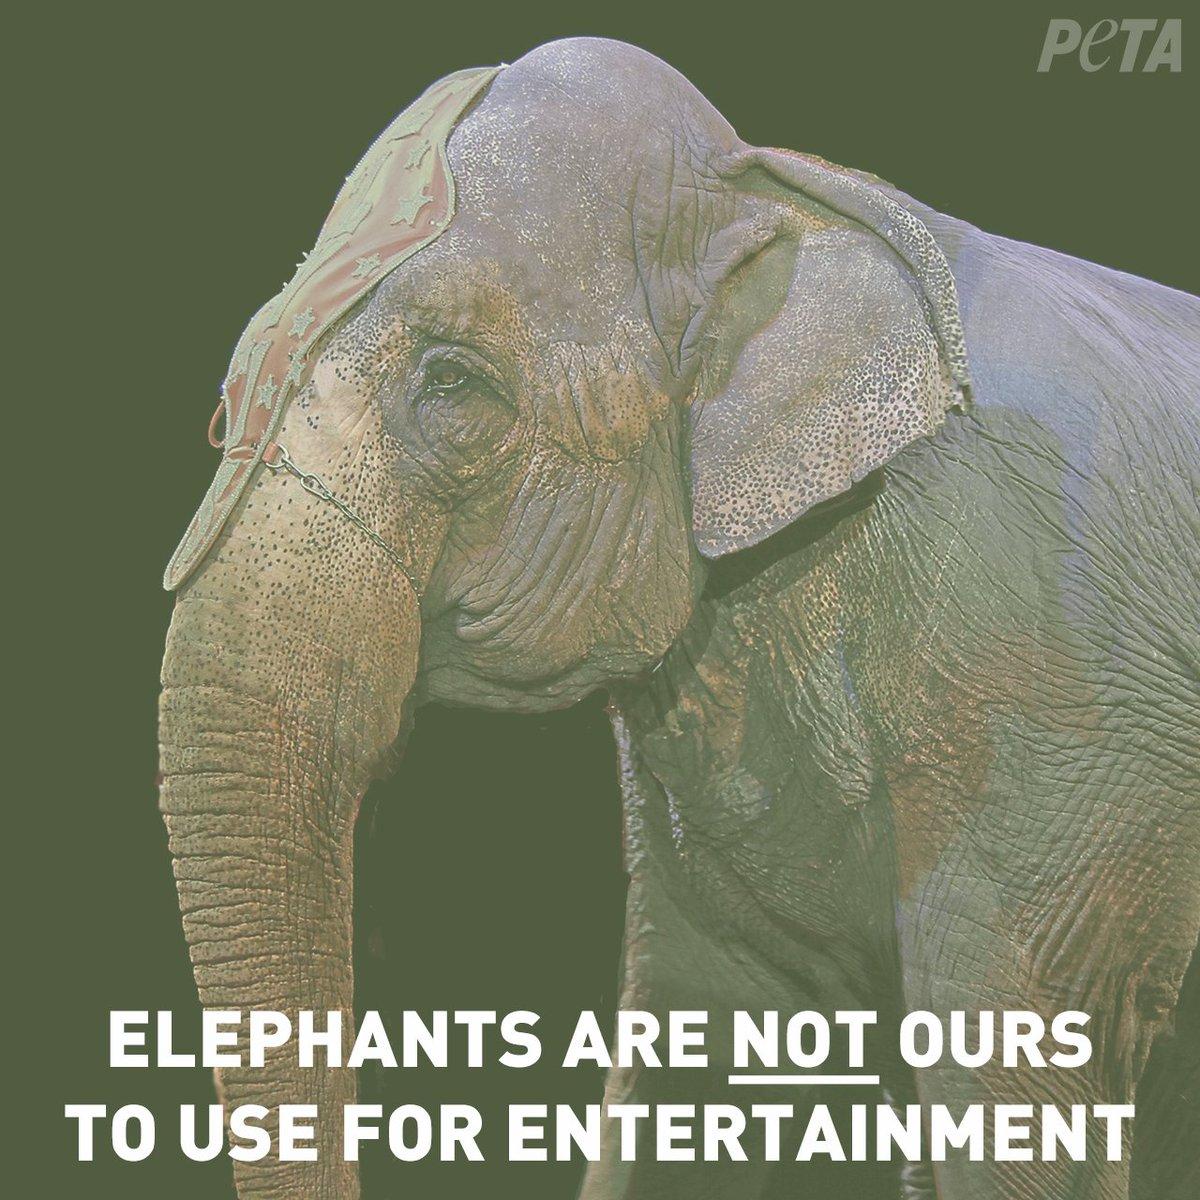 peta on twitter elephants